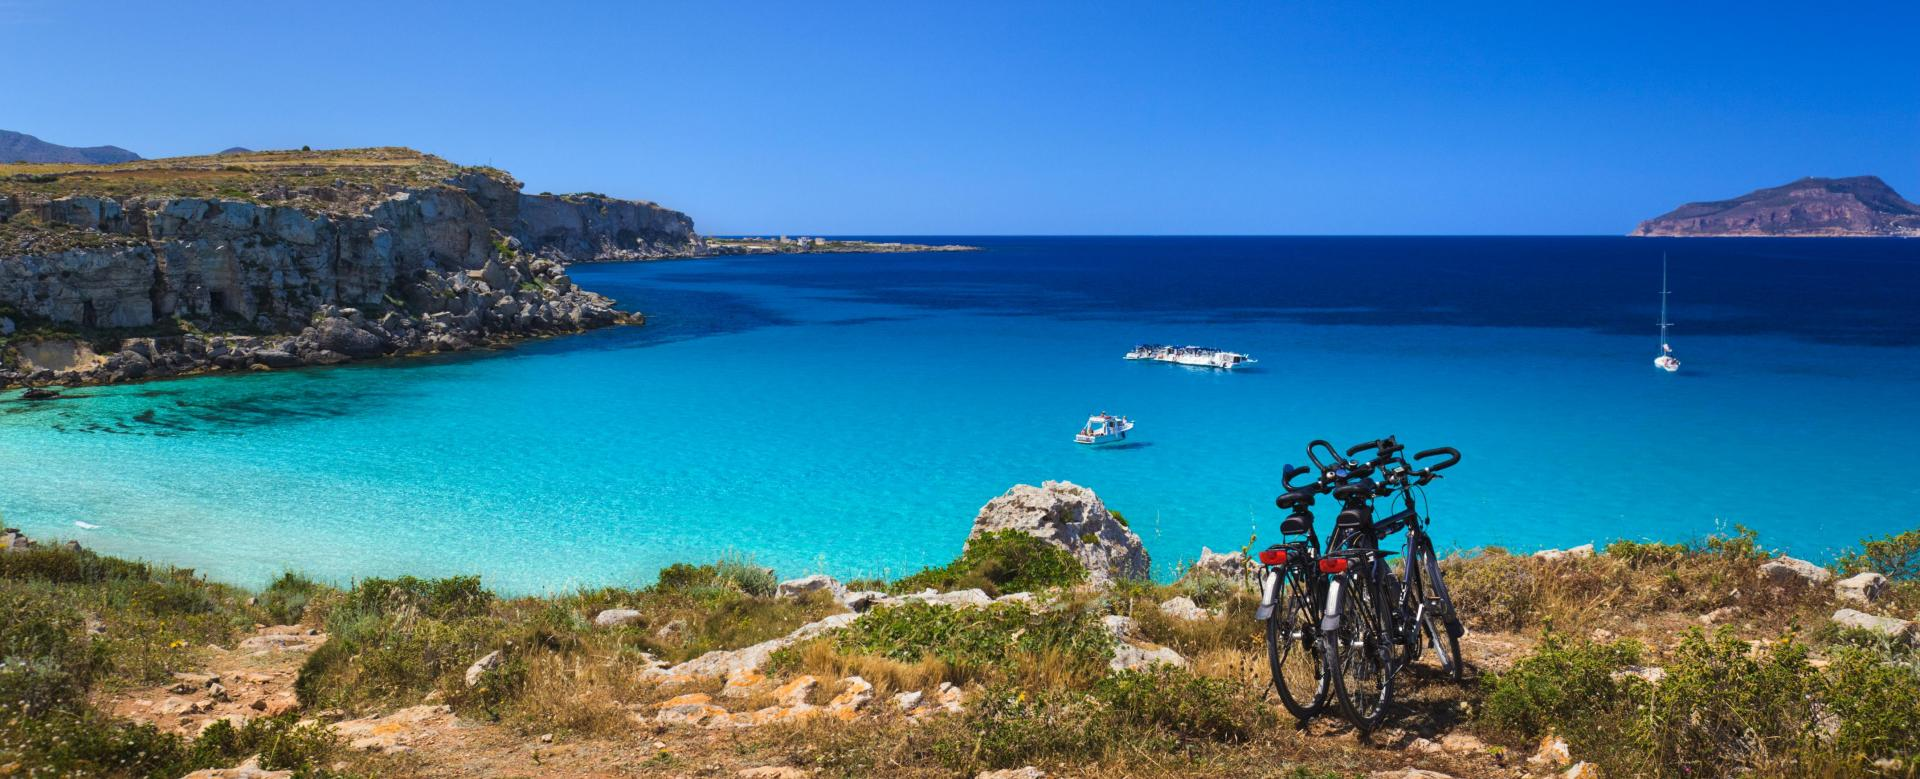 Voyage en véhicule : Les merveilles de sardaigne à vélo